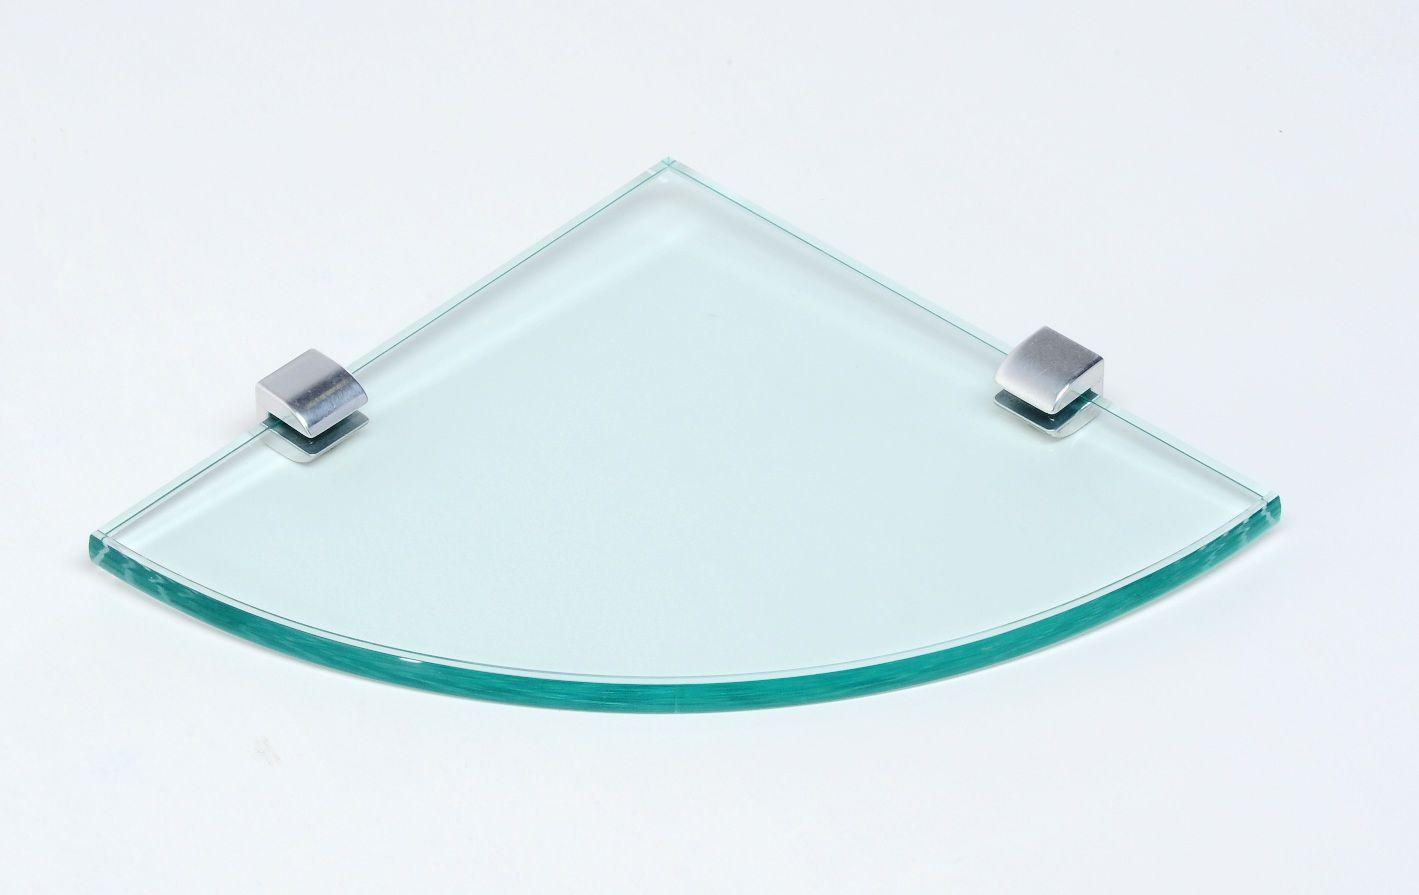 Porta Shampoo de Canto Curvo em Vidro Incolor Lapidado Premium - Aquabox  - 20cmx20cmx10mm